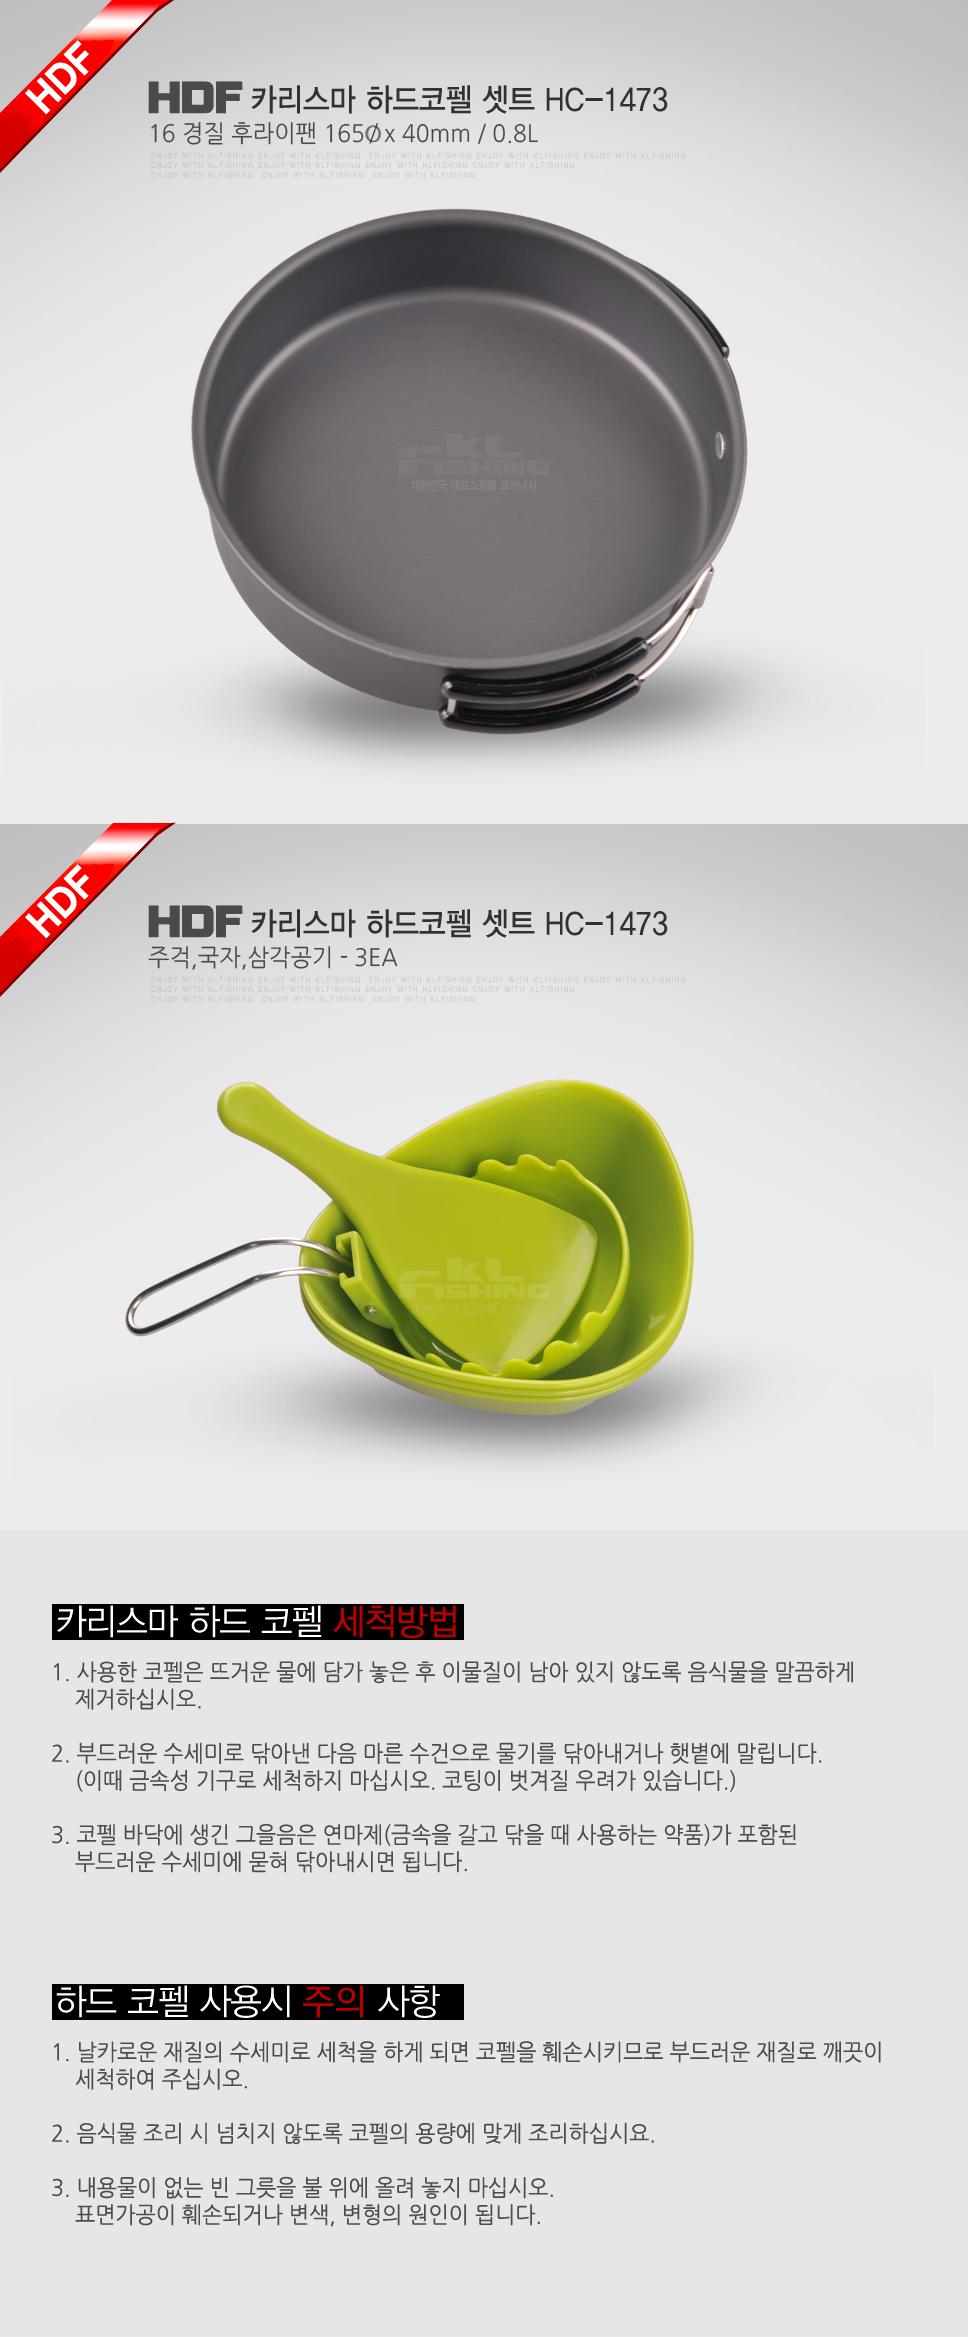 해동 카리스마 하드코펠 셋트 HC-1473 코펠 낚시코펠 캠핑용품 해동코펠